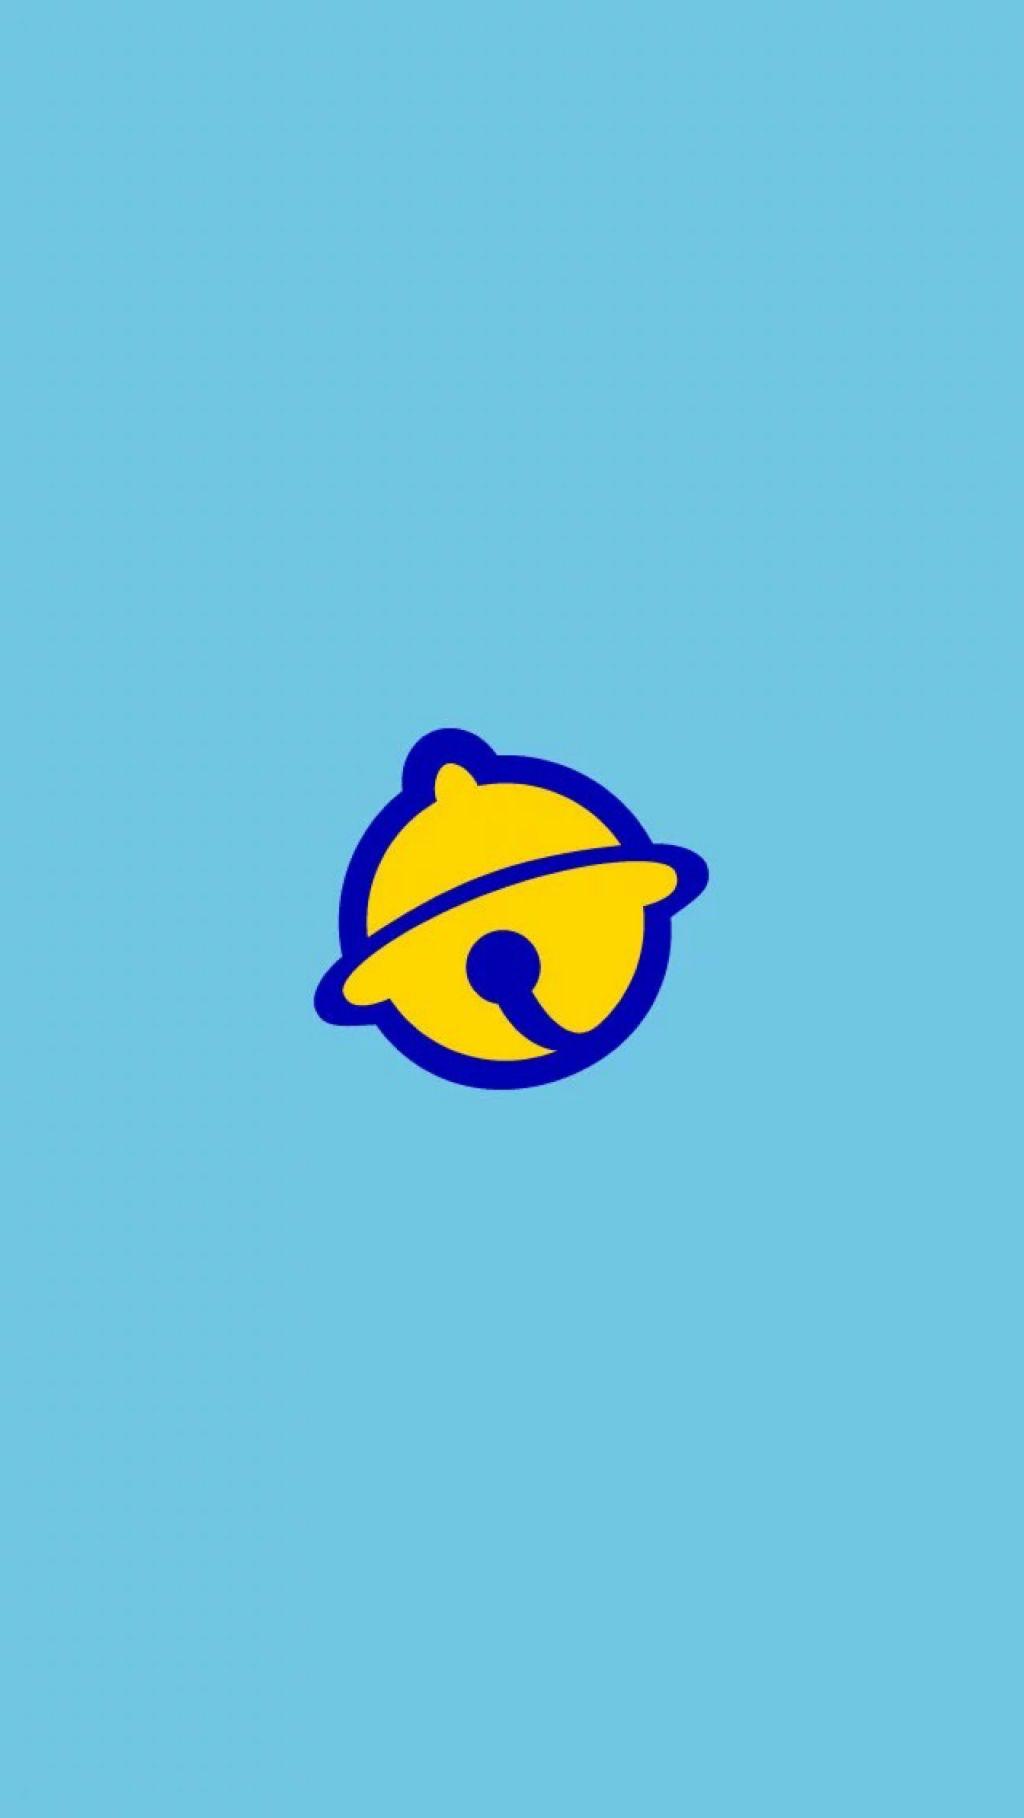 手机壁纸:蓝胖子、多啦A梦、叮当猫手机壁纸,赶紧换上。插图15